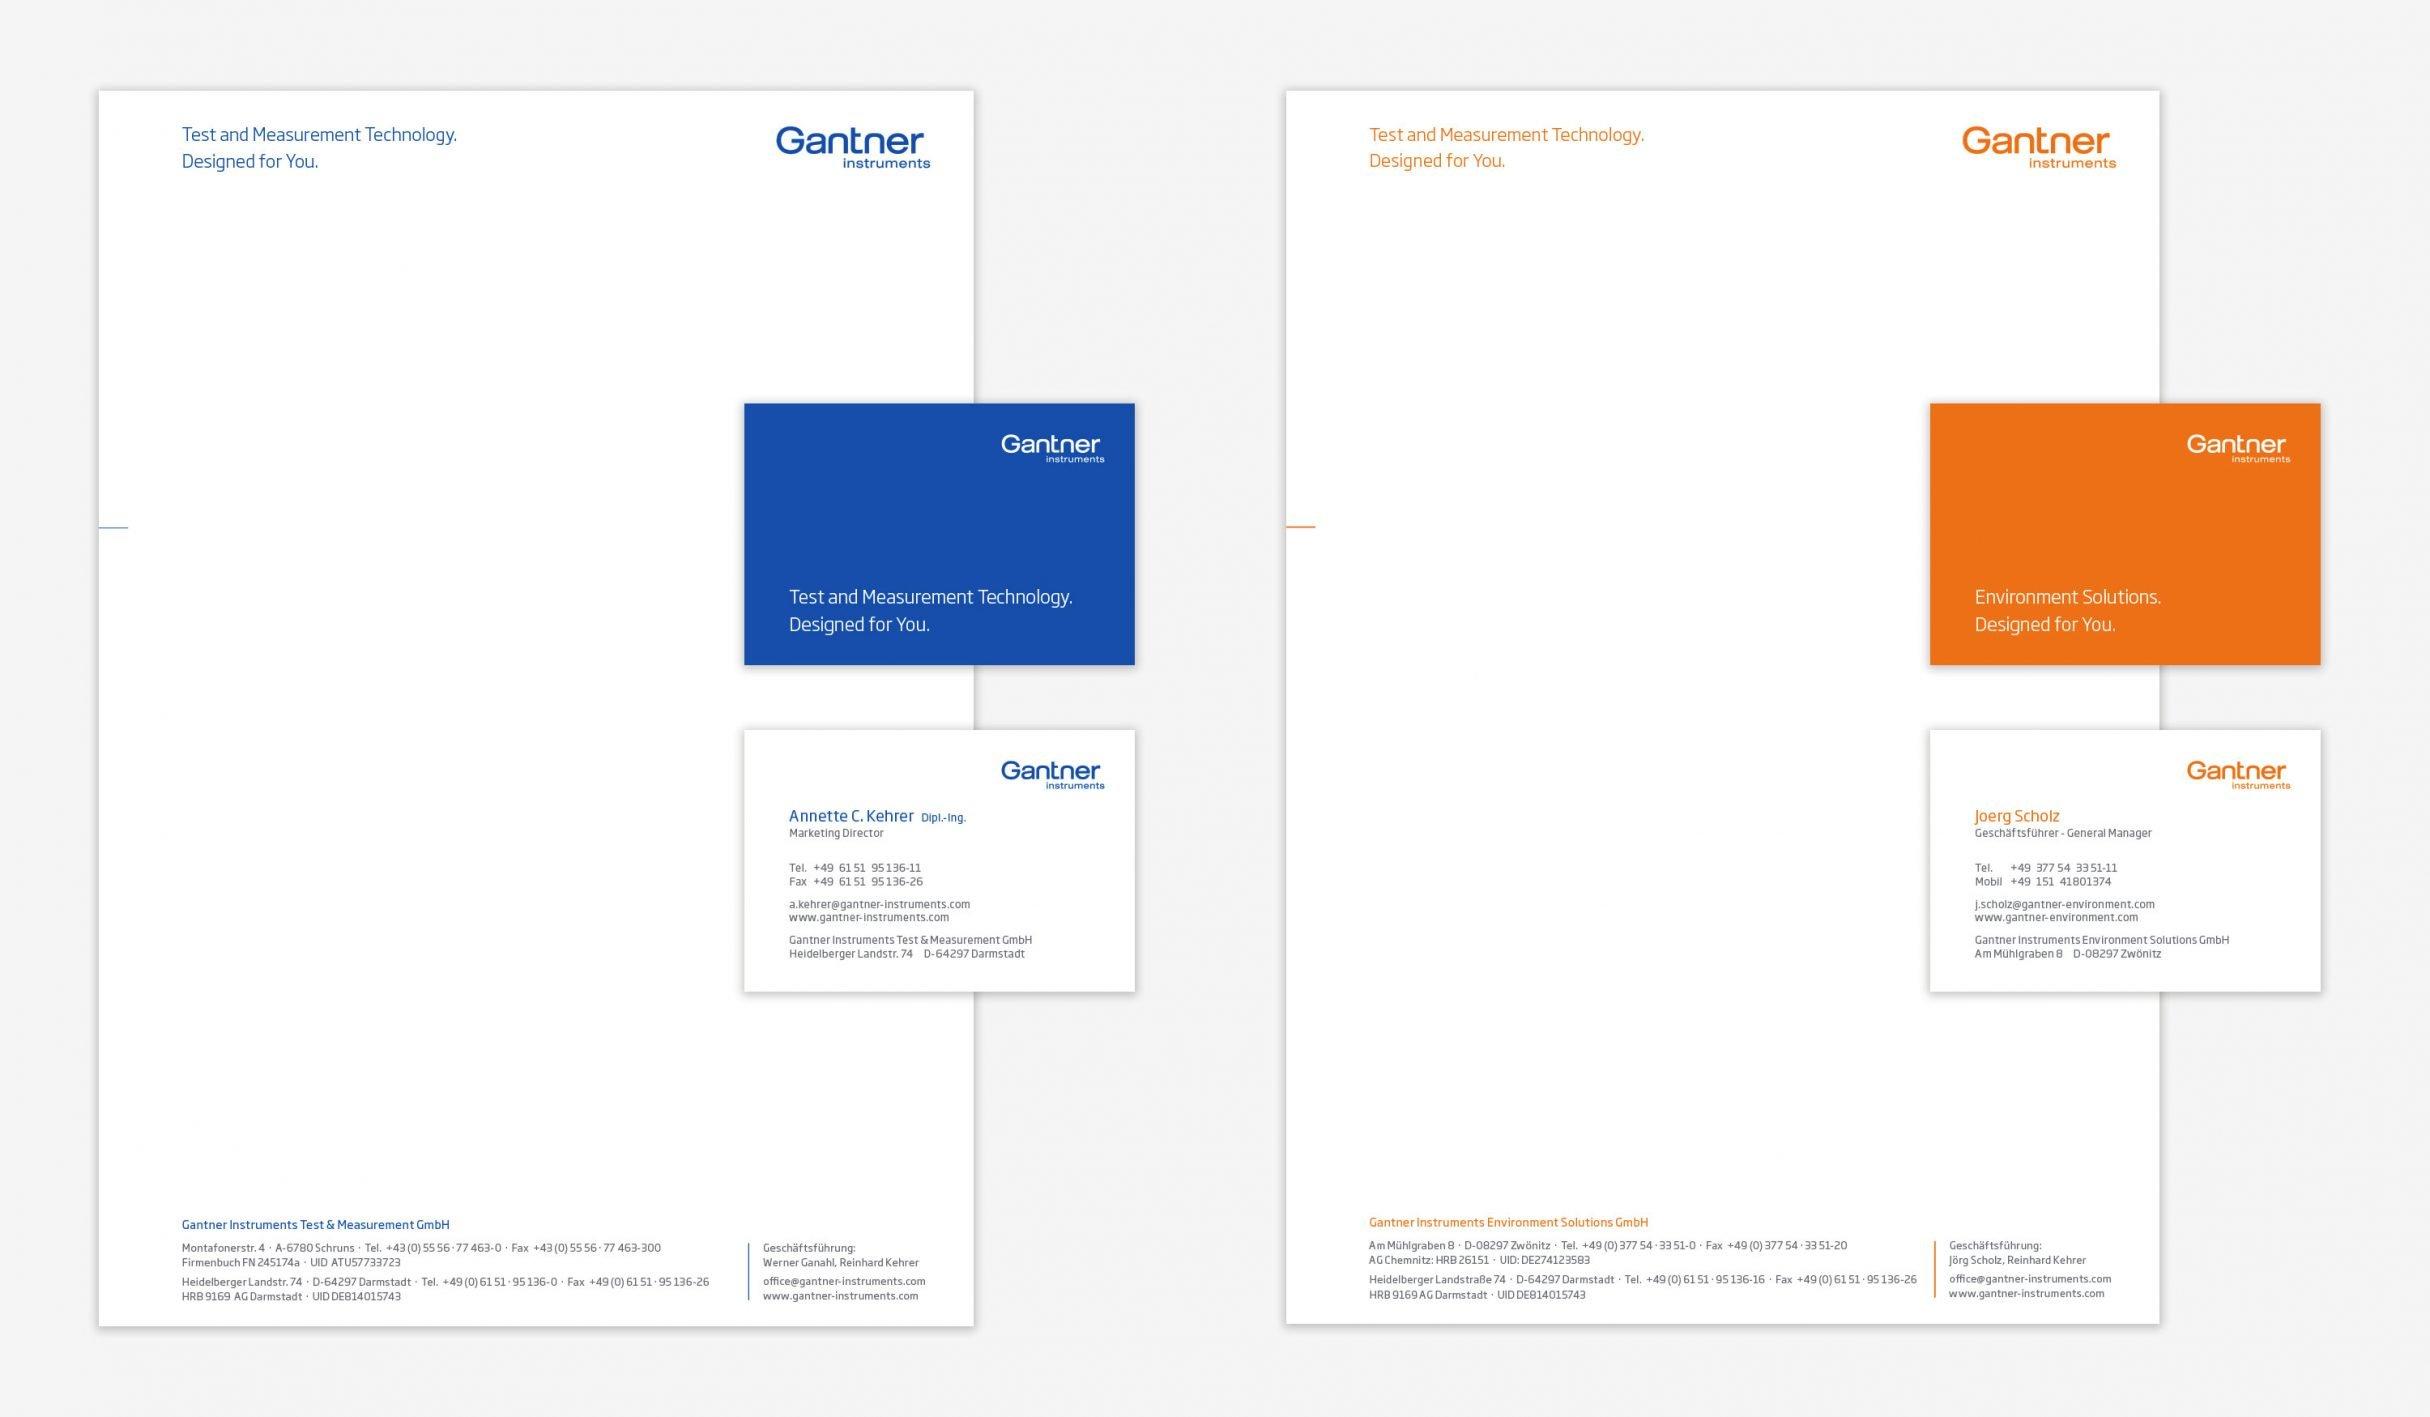 Corporate Design Agentur Corporate Design Agentur With